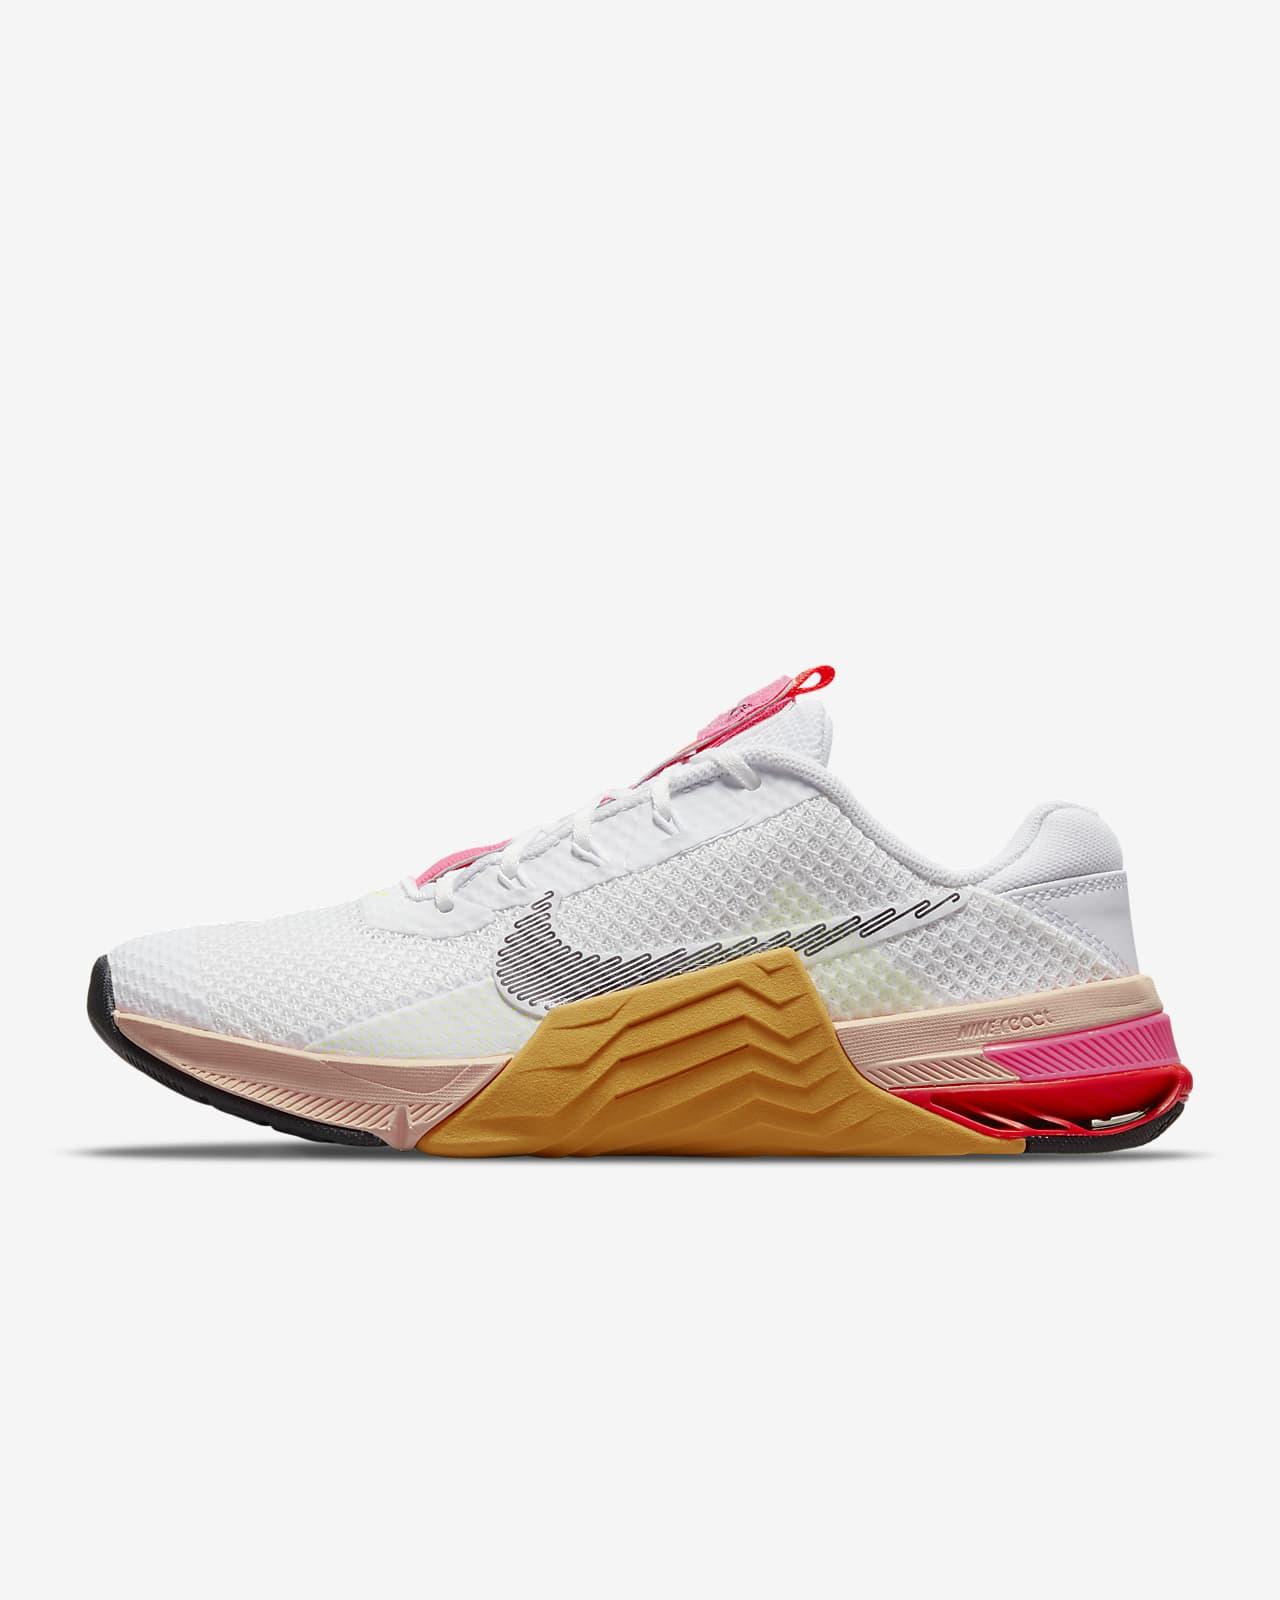 Träningssko Nike Metcon 7 X för kvinnor